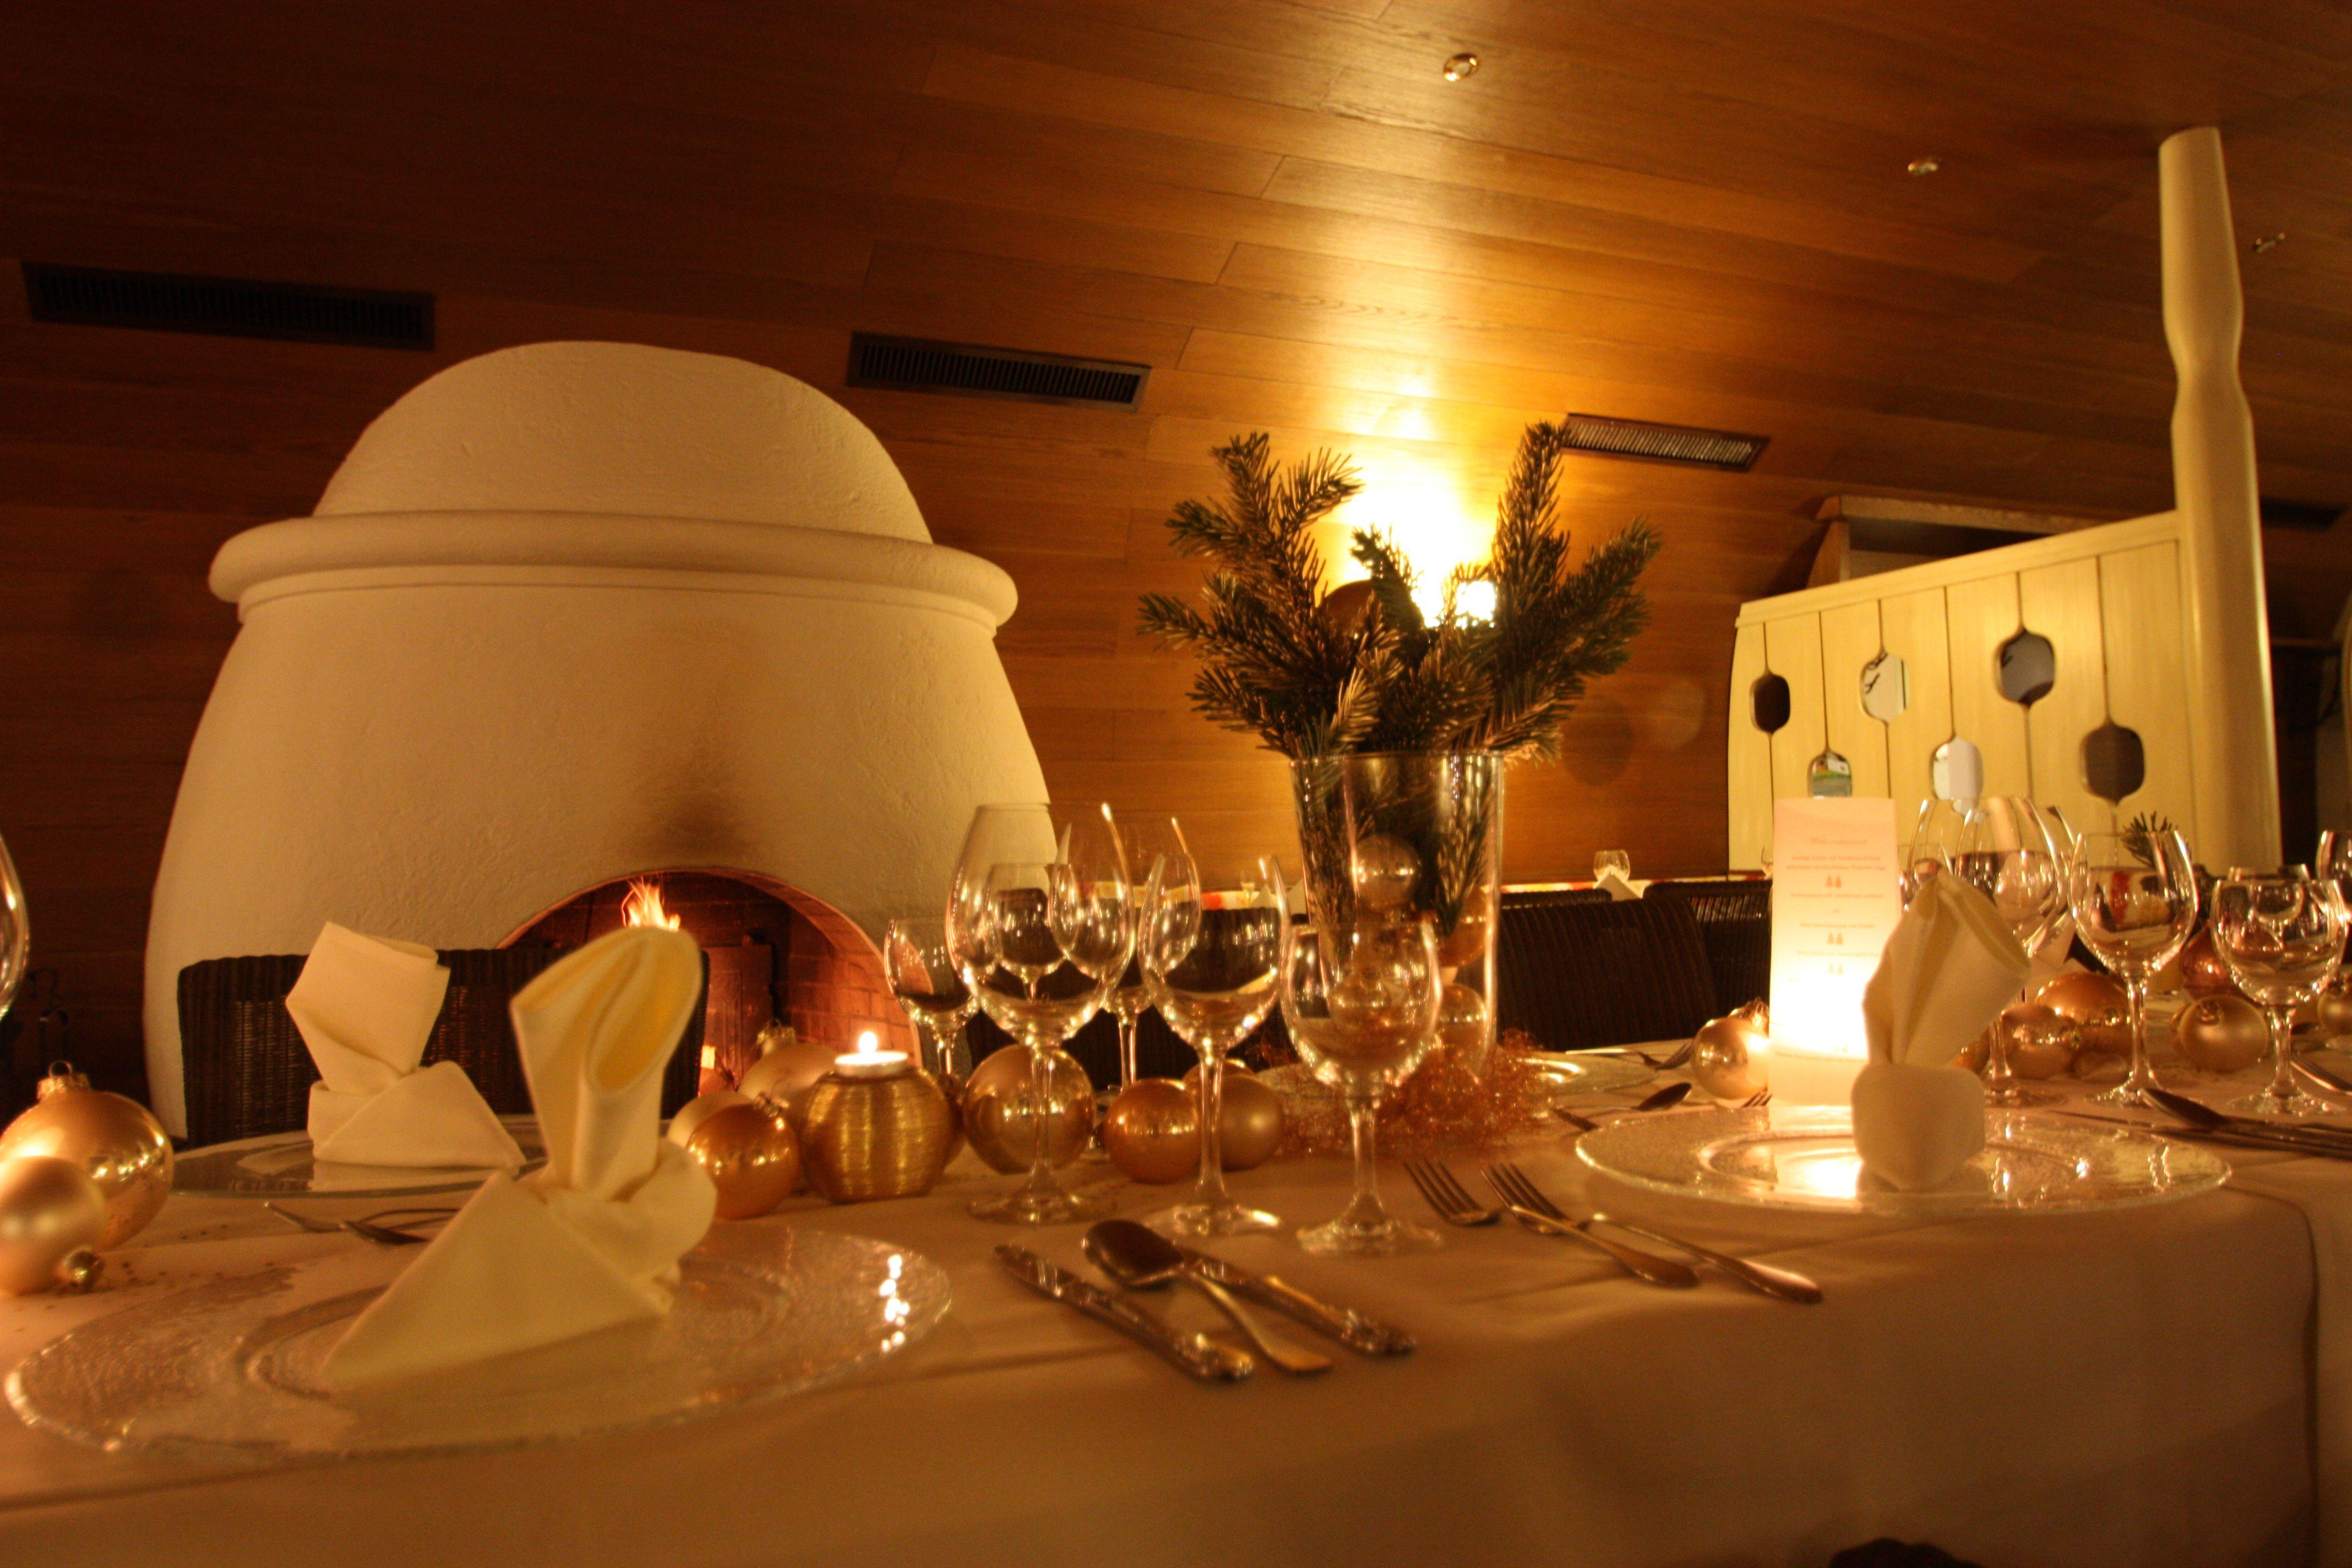 Weihnachtstisch im Kaminzimmer im Seehaus, Riessersee